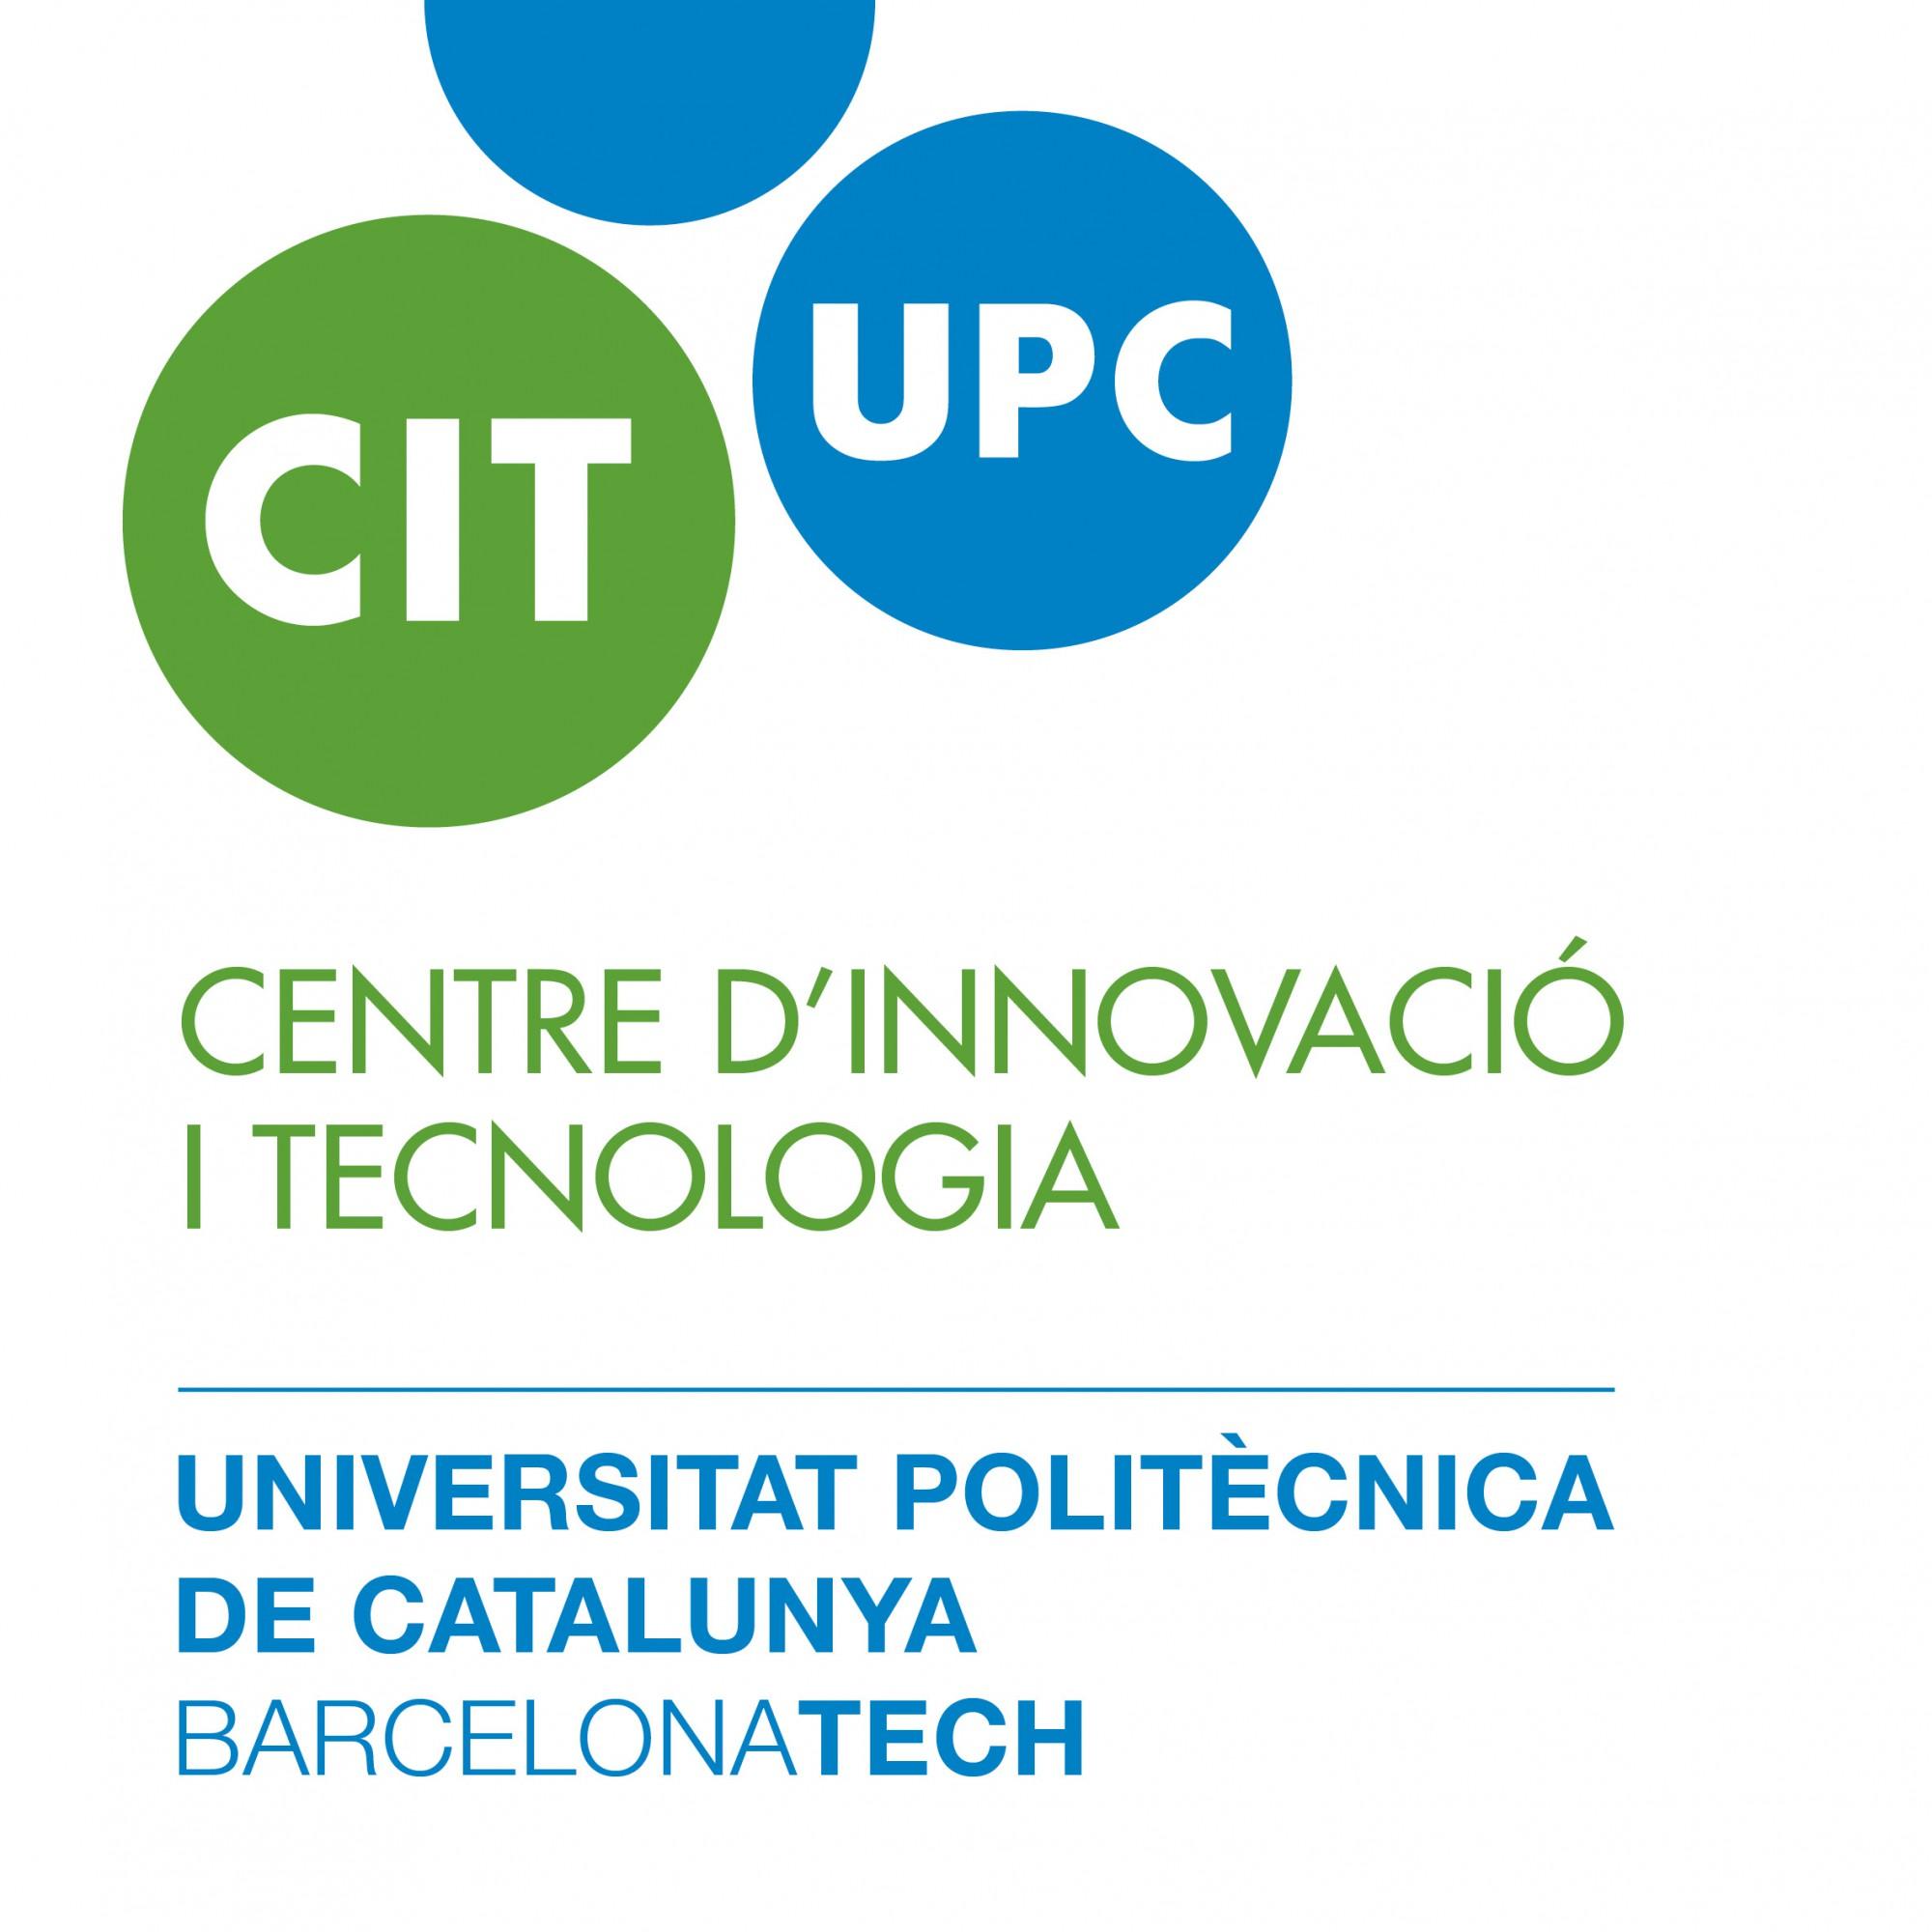 CIT-UPC